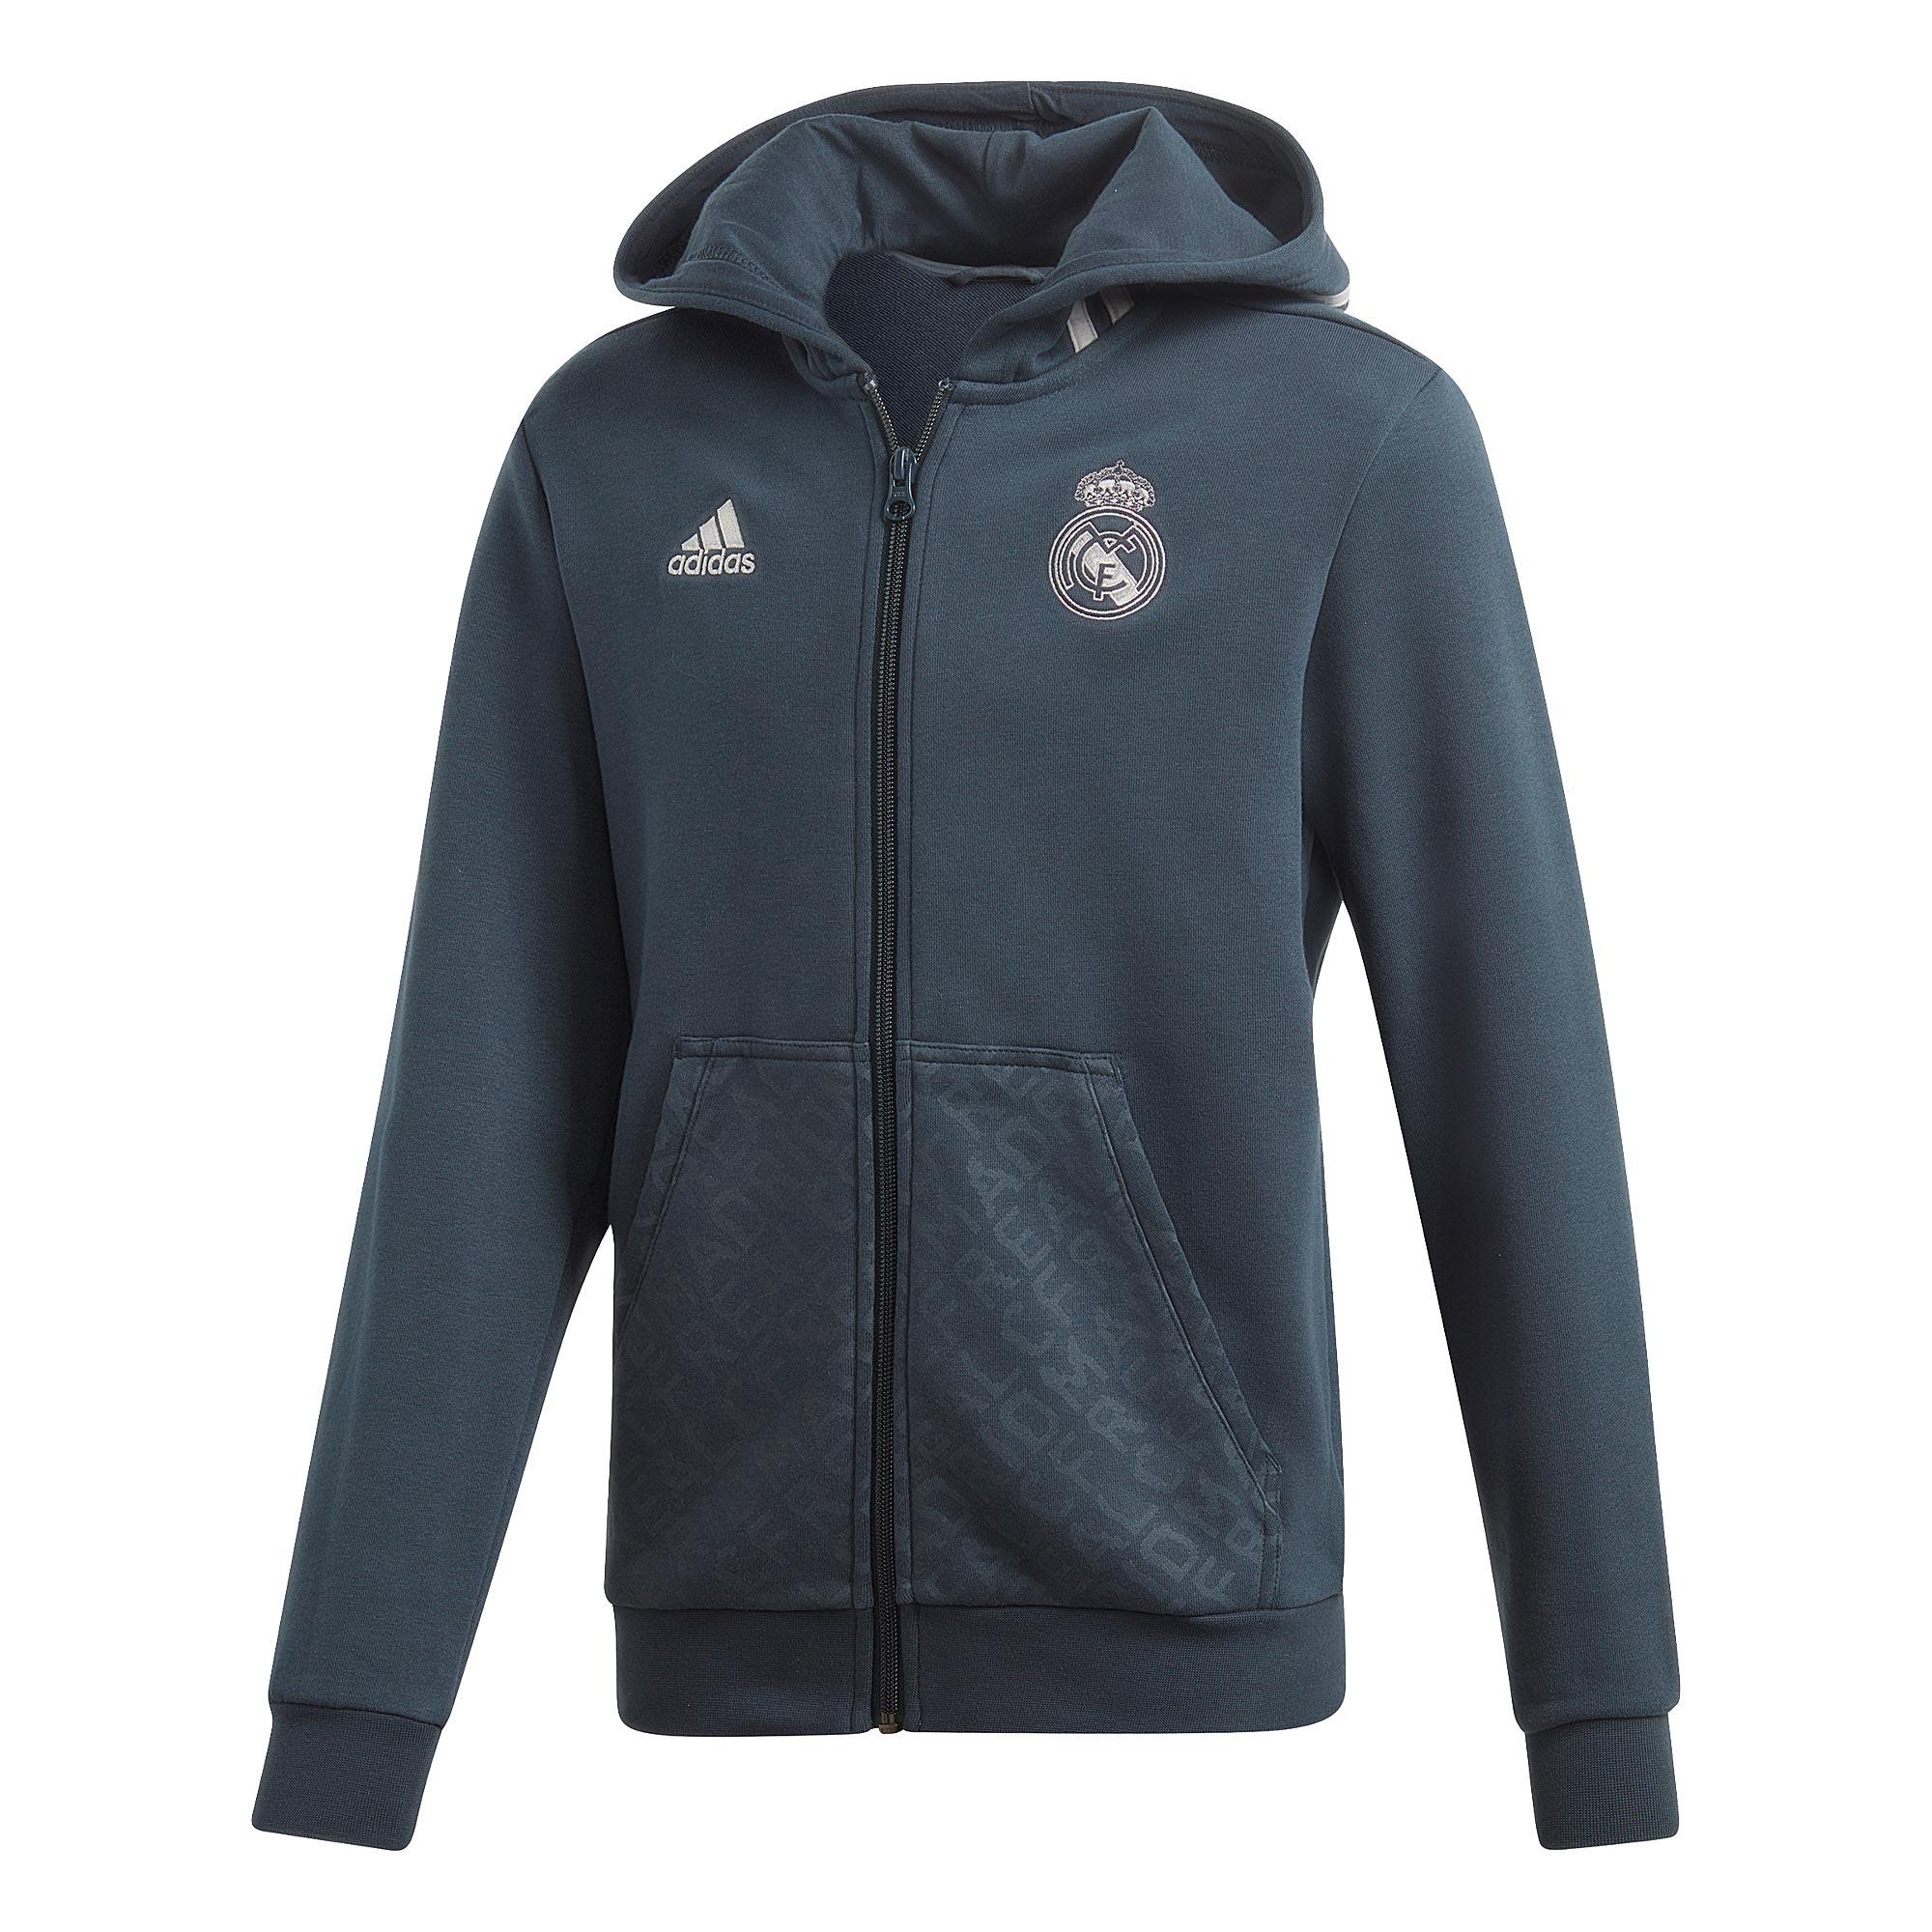 Sudadera con capucha y cremallera completa del Real Madrid en gris para niños